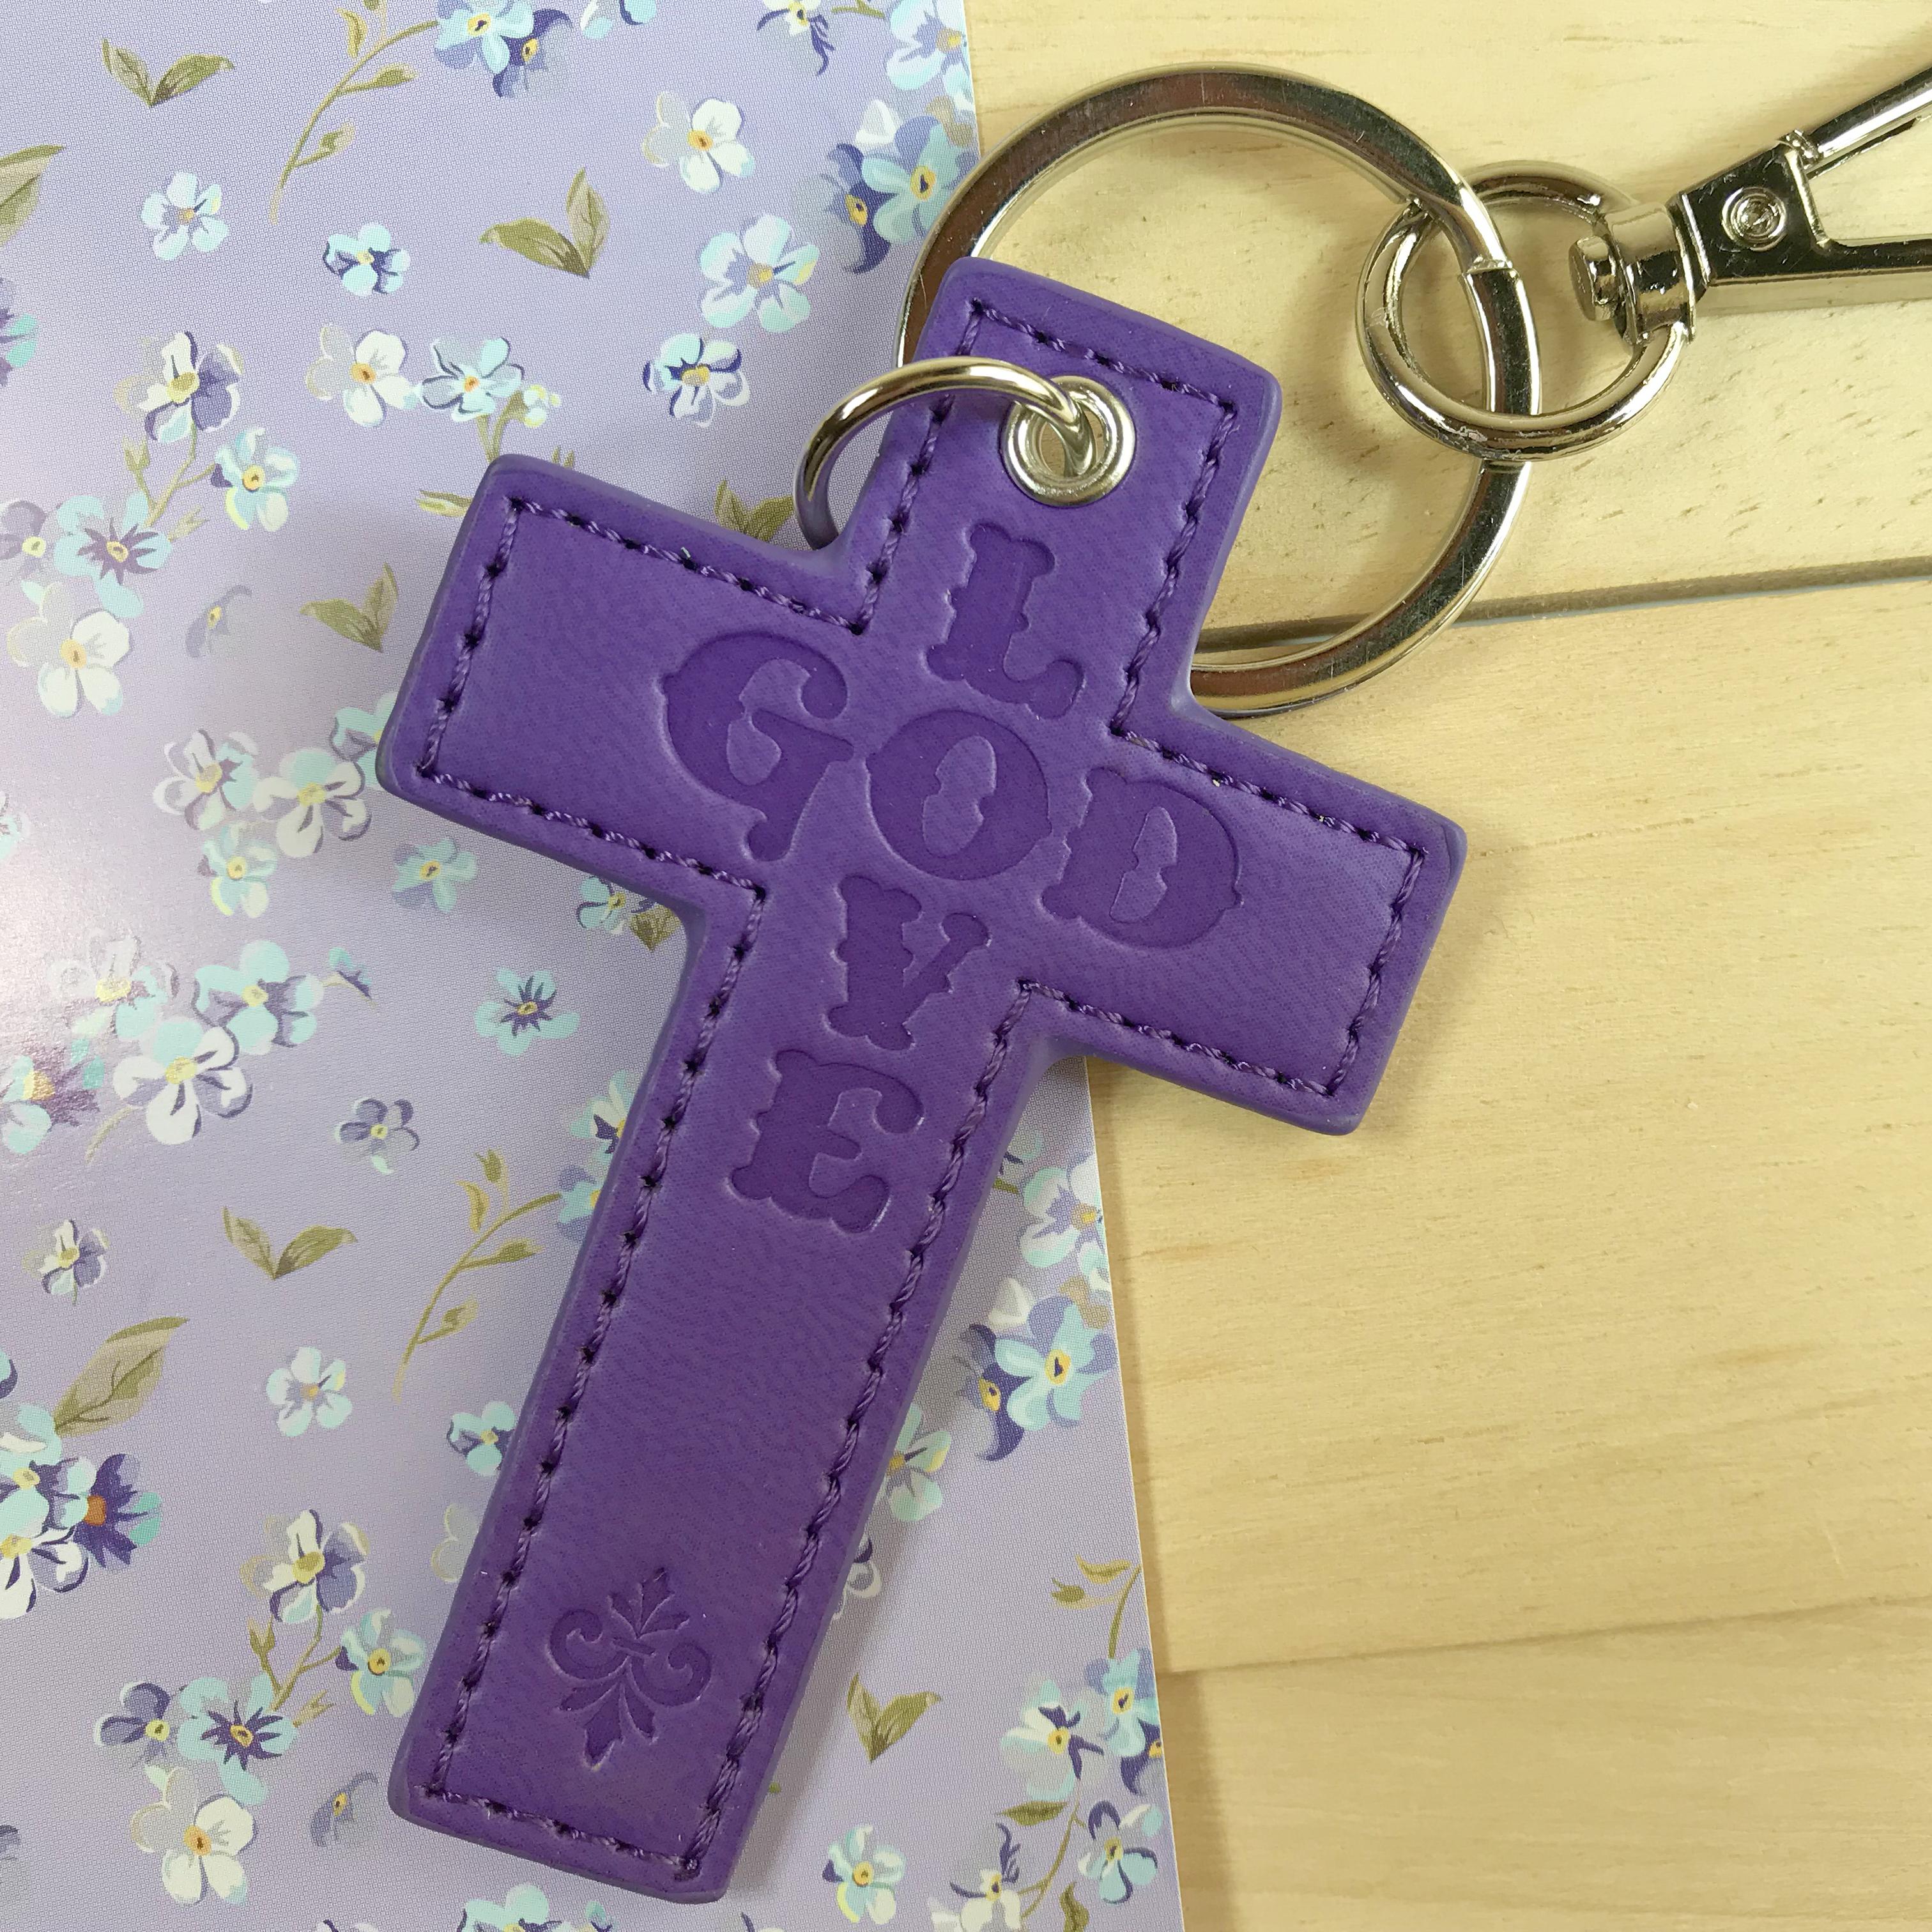 十架鑰匙圈 - 閃耀紫